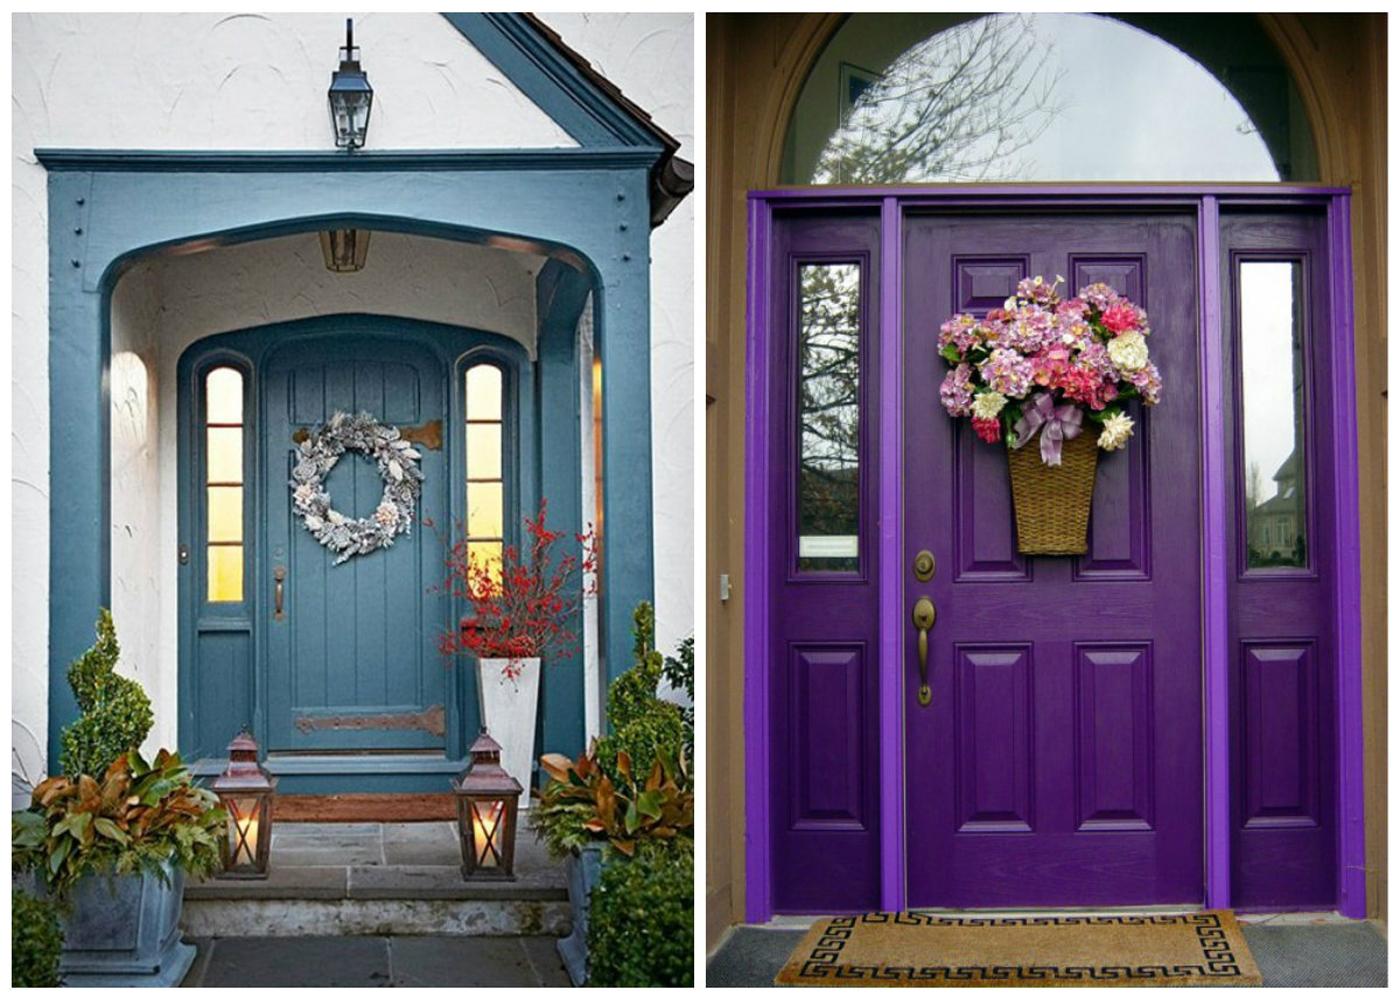 100 лучших идей: Декор двери своими руками на фото - Рататум 53